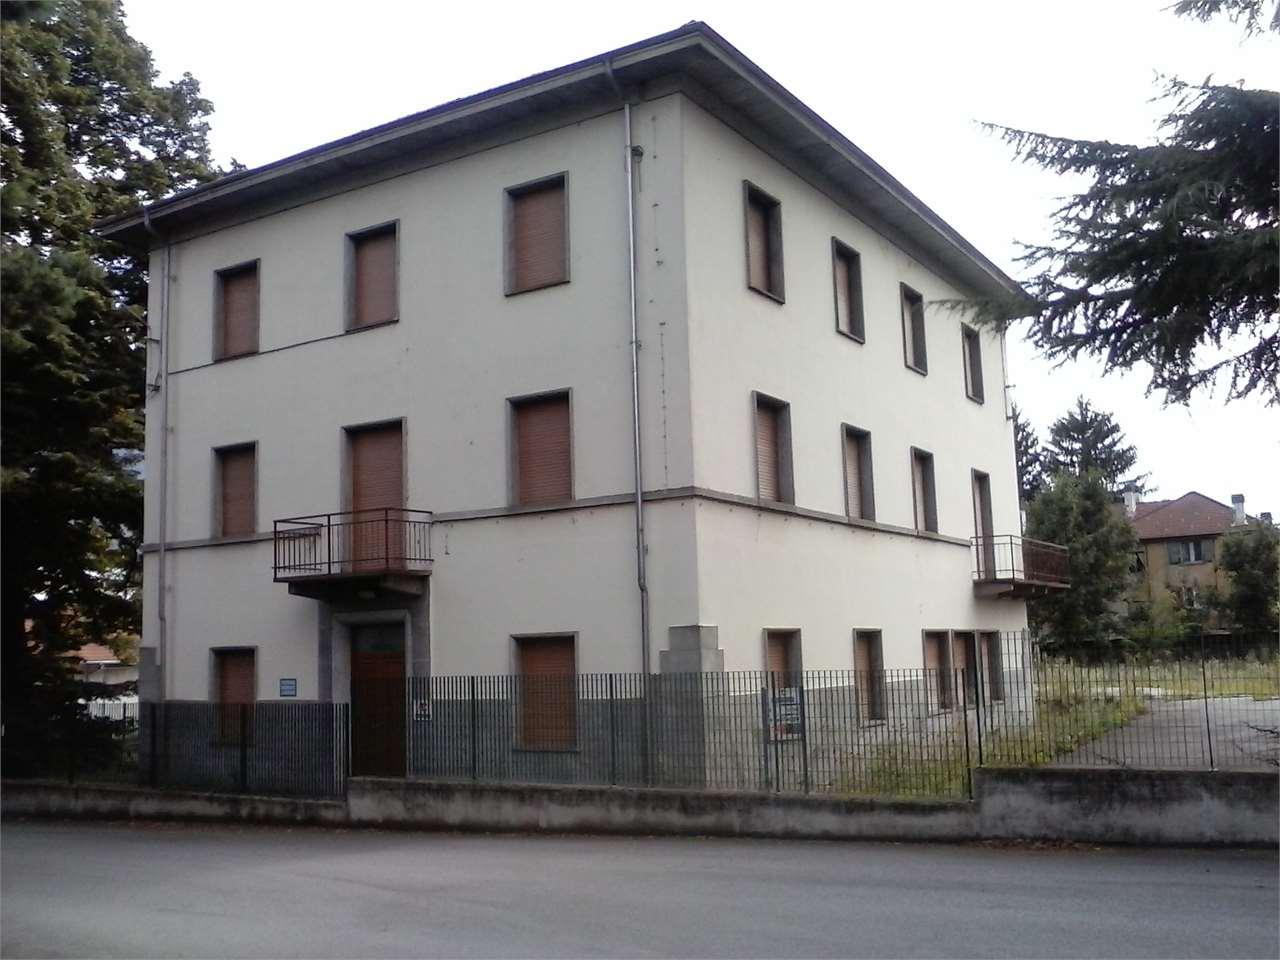 Ufficio / Studio in vendita a Domodossola, 5 locali, prezzo € 115.000 | Cambio Casa.it